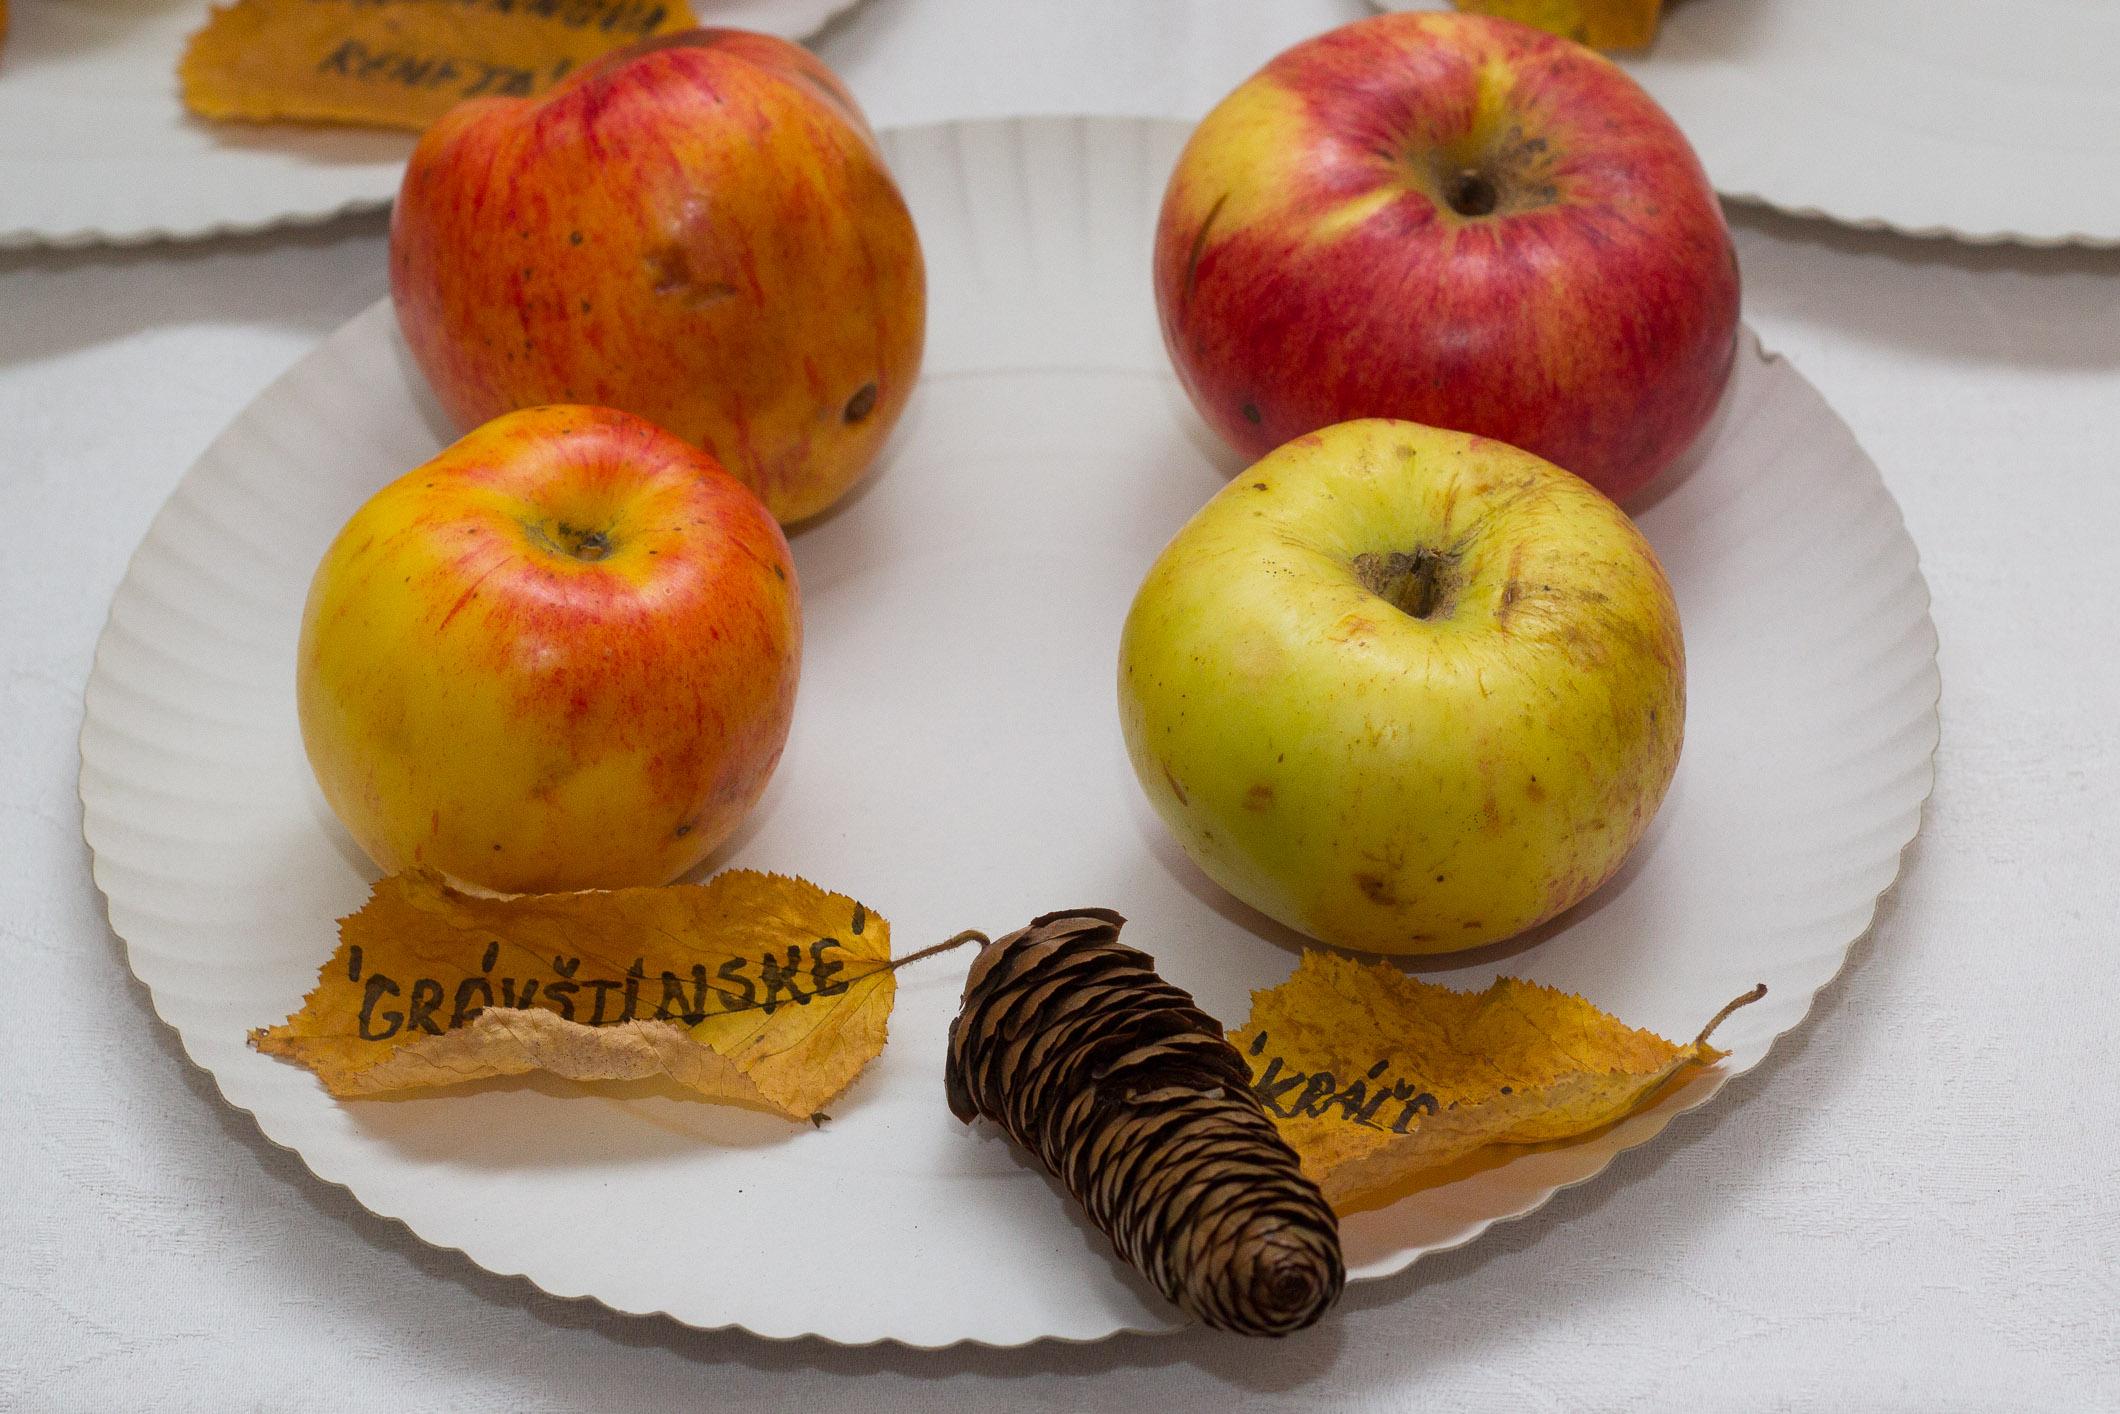 plodobranie-radnica-zvolen-8